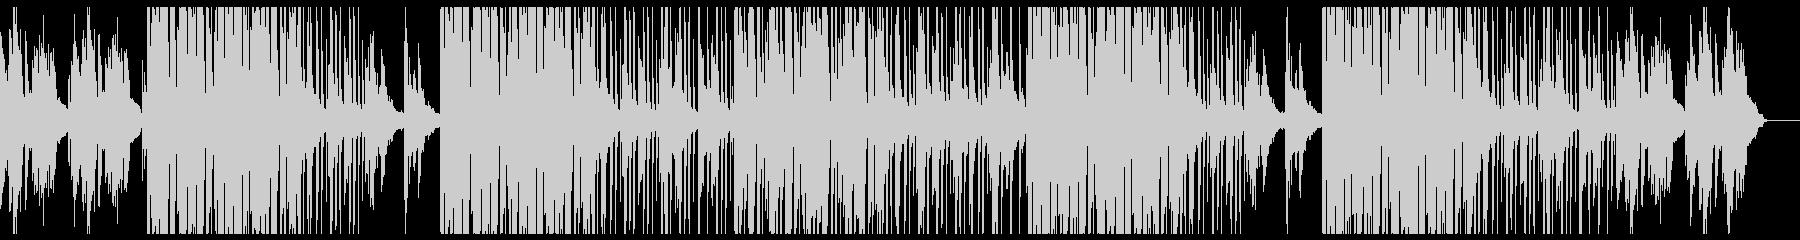 【Jazzy HipHop】BGMの未再生の波形